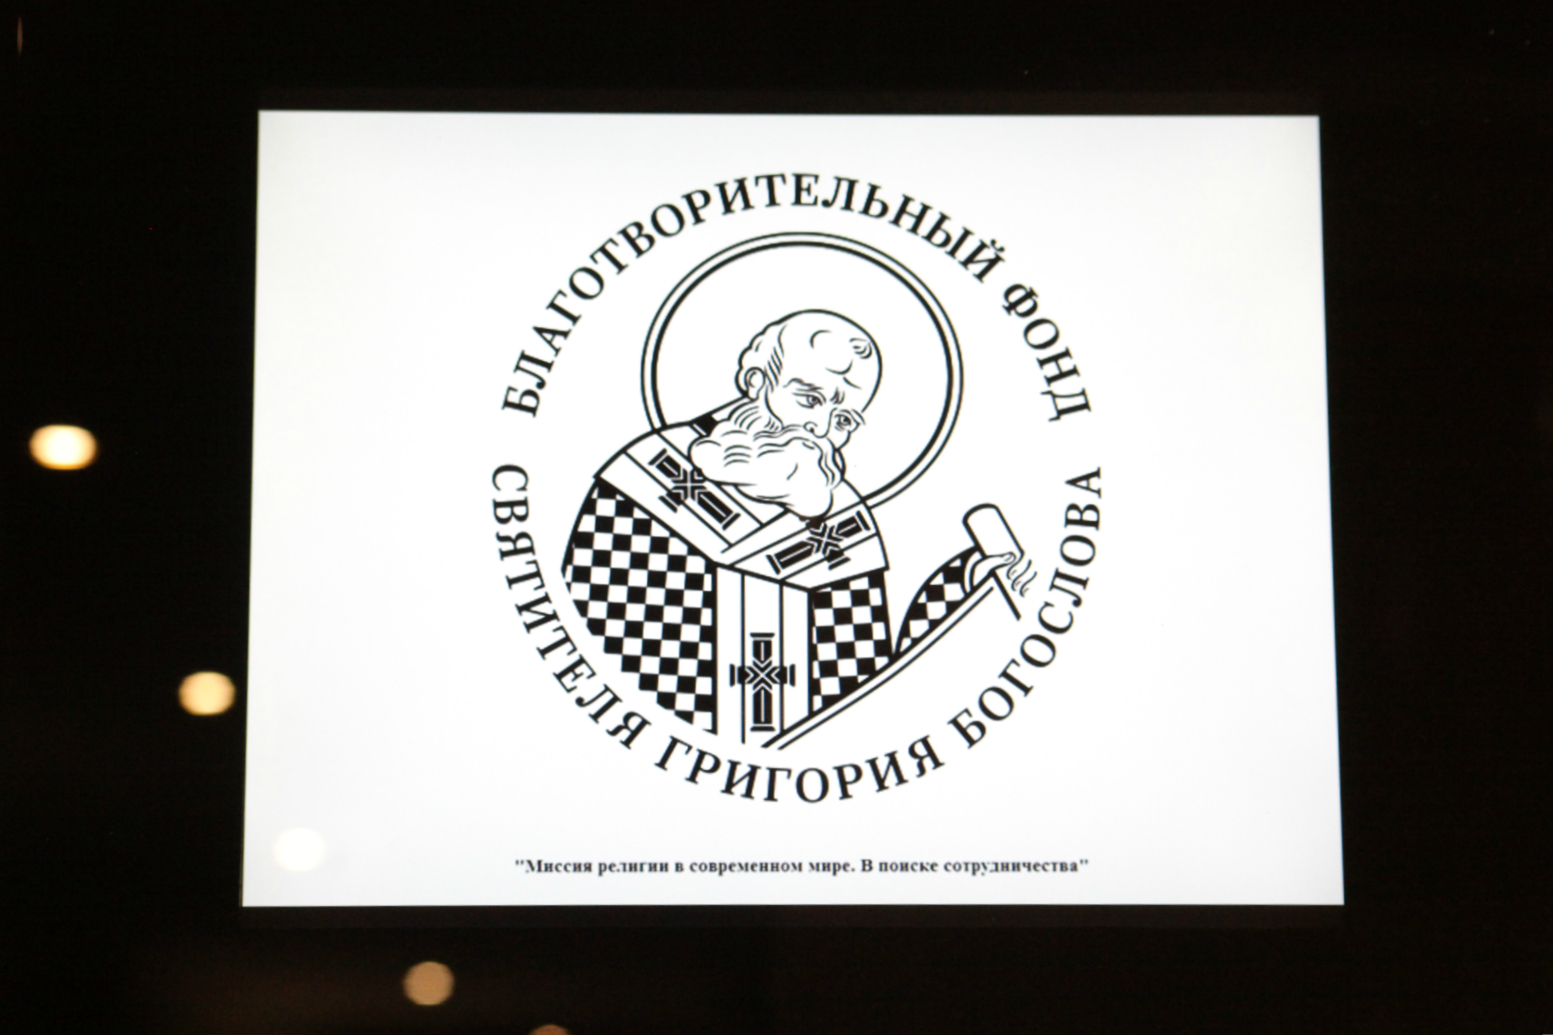 В.В Кипшидзе принял участие в круглом столе «Миссия религии в современном мире.В поиске сотрудничества»